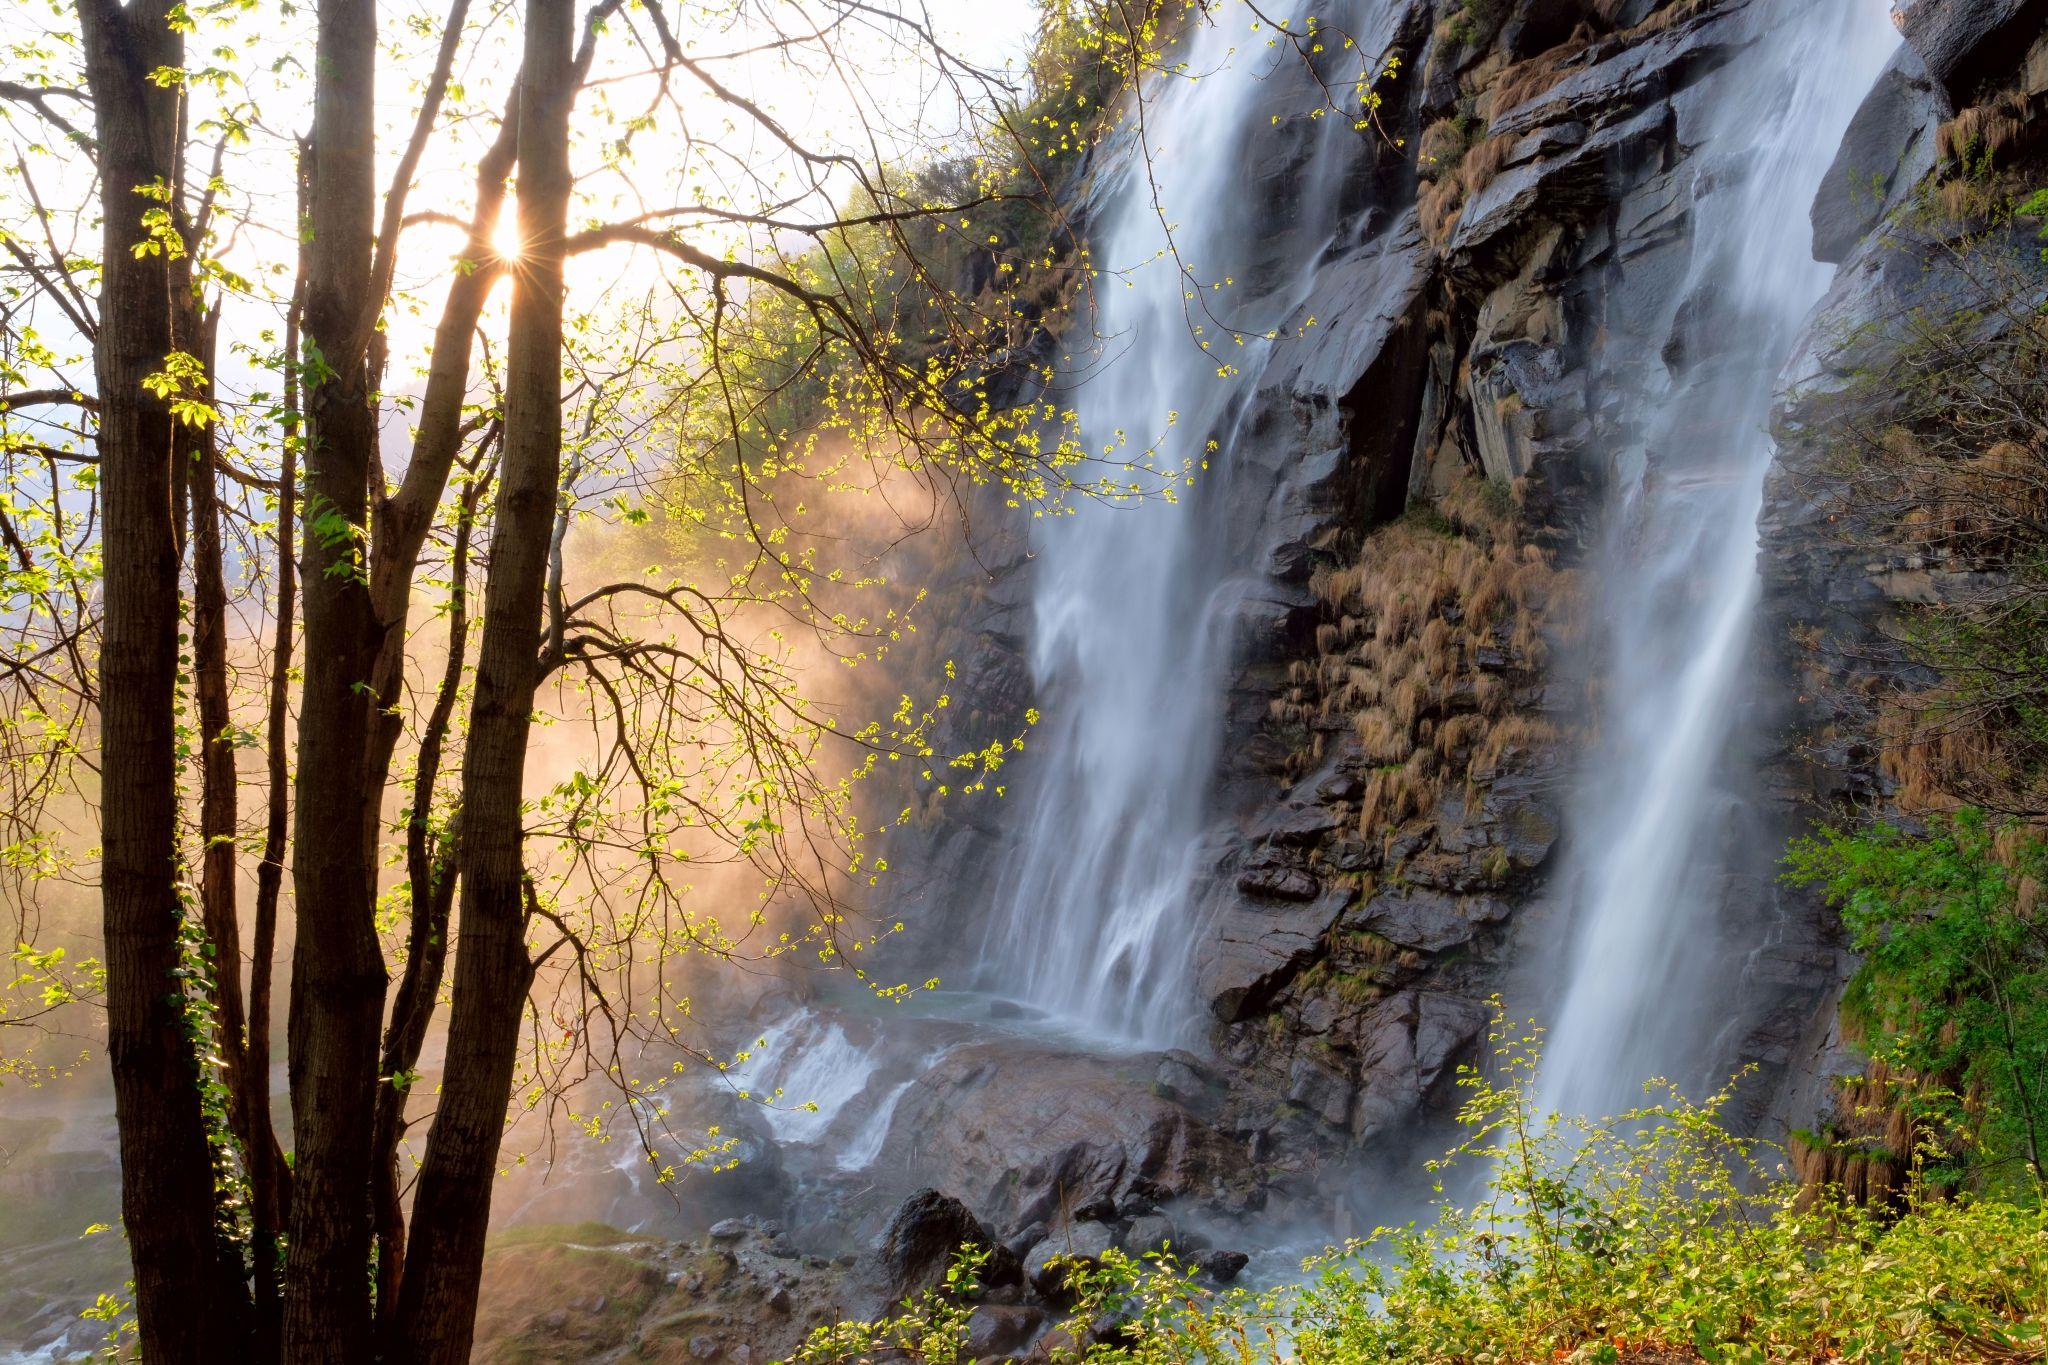 Acqua Fraggia Waterfalls, Italy